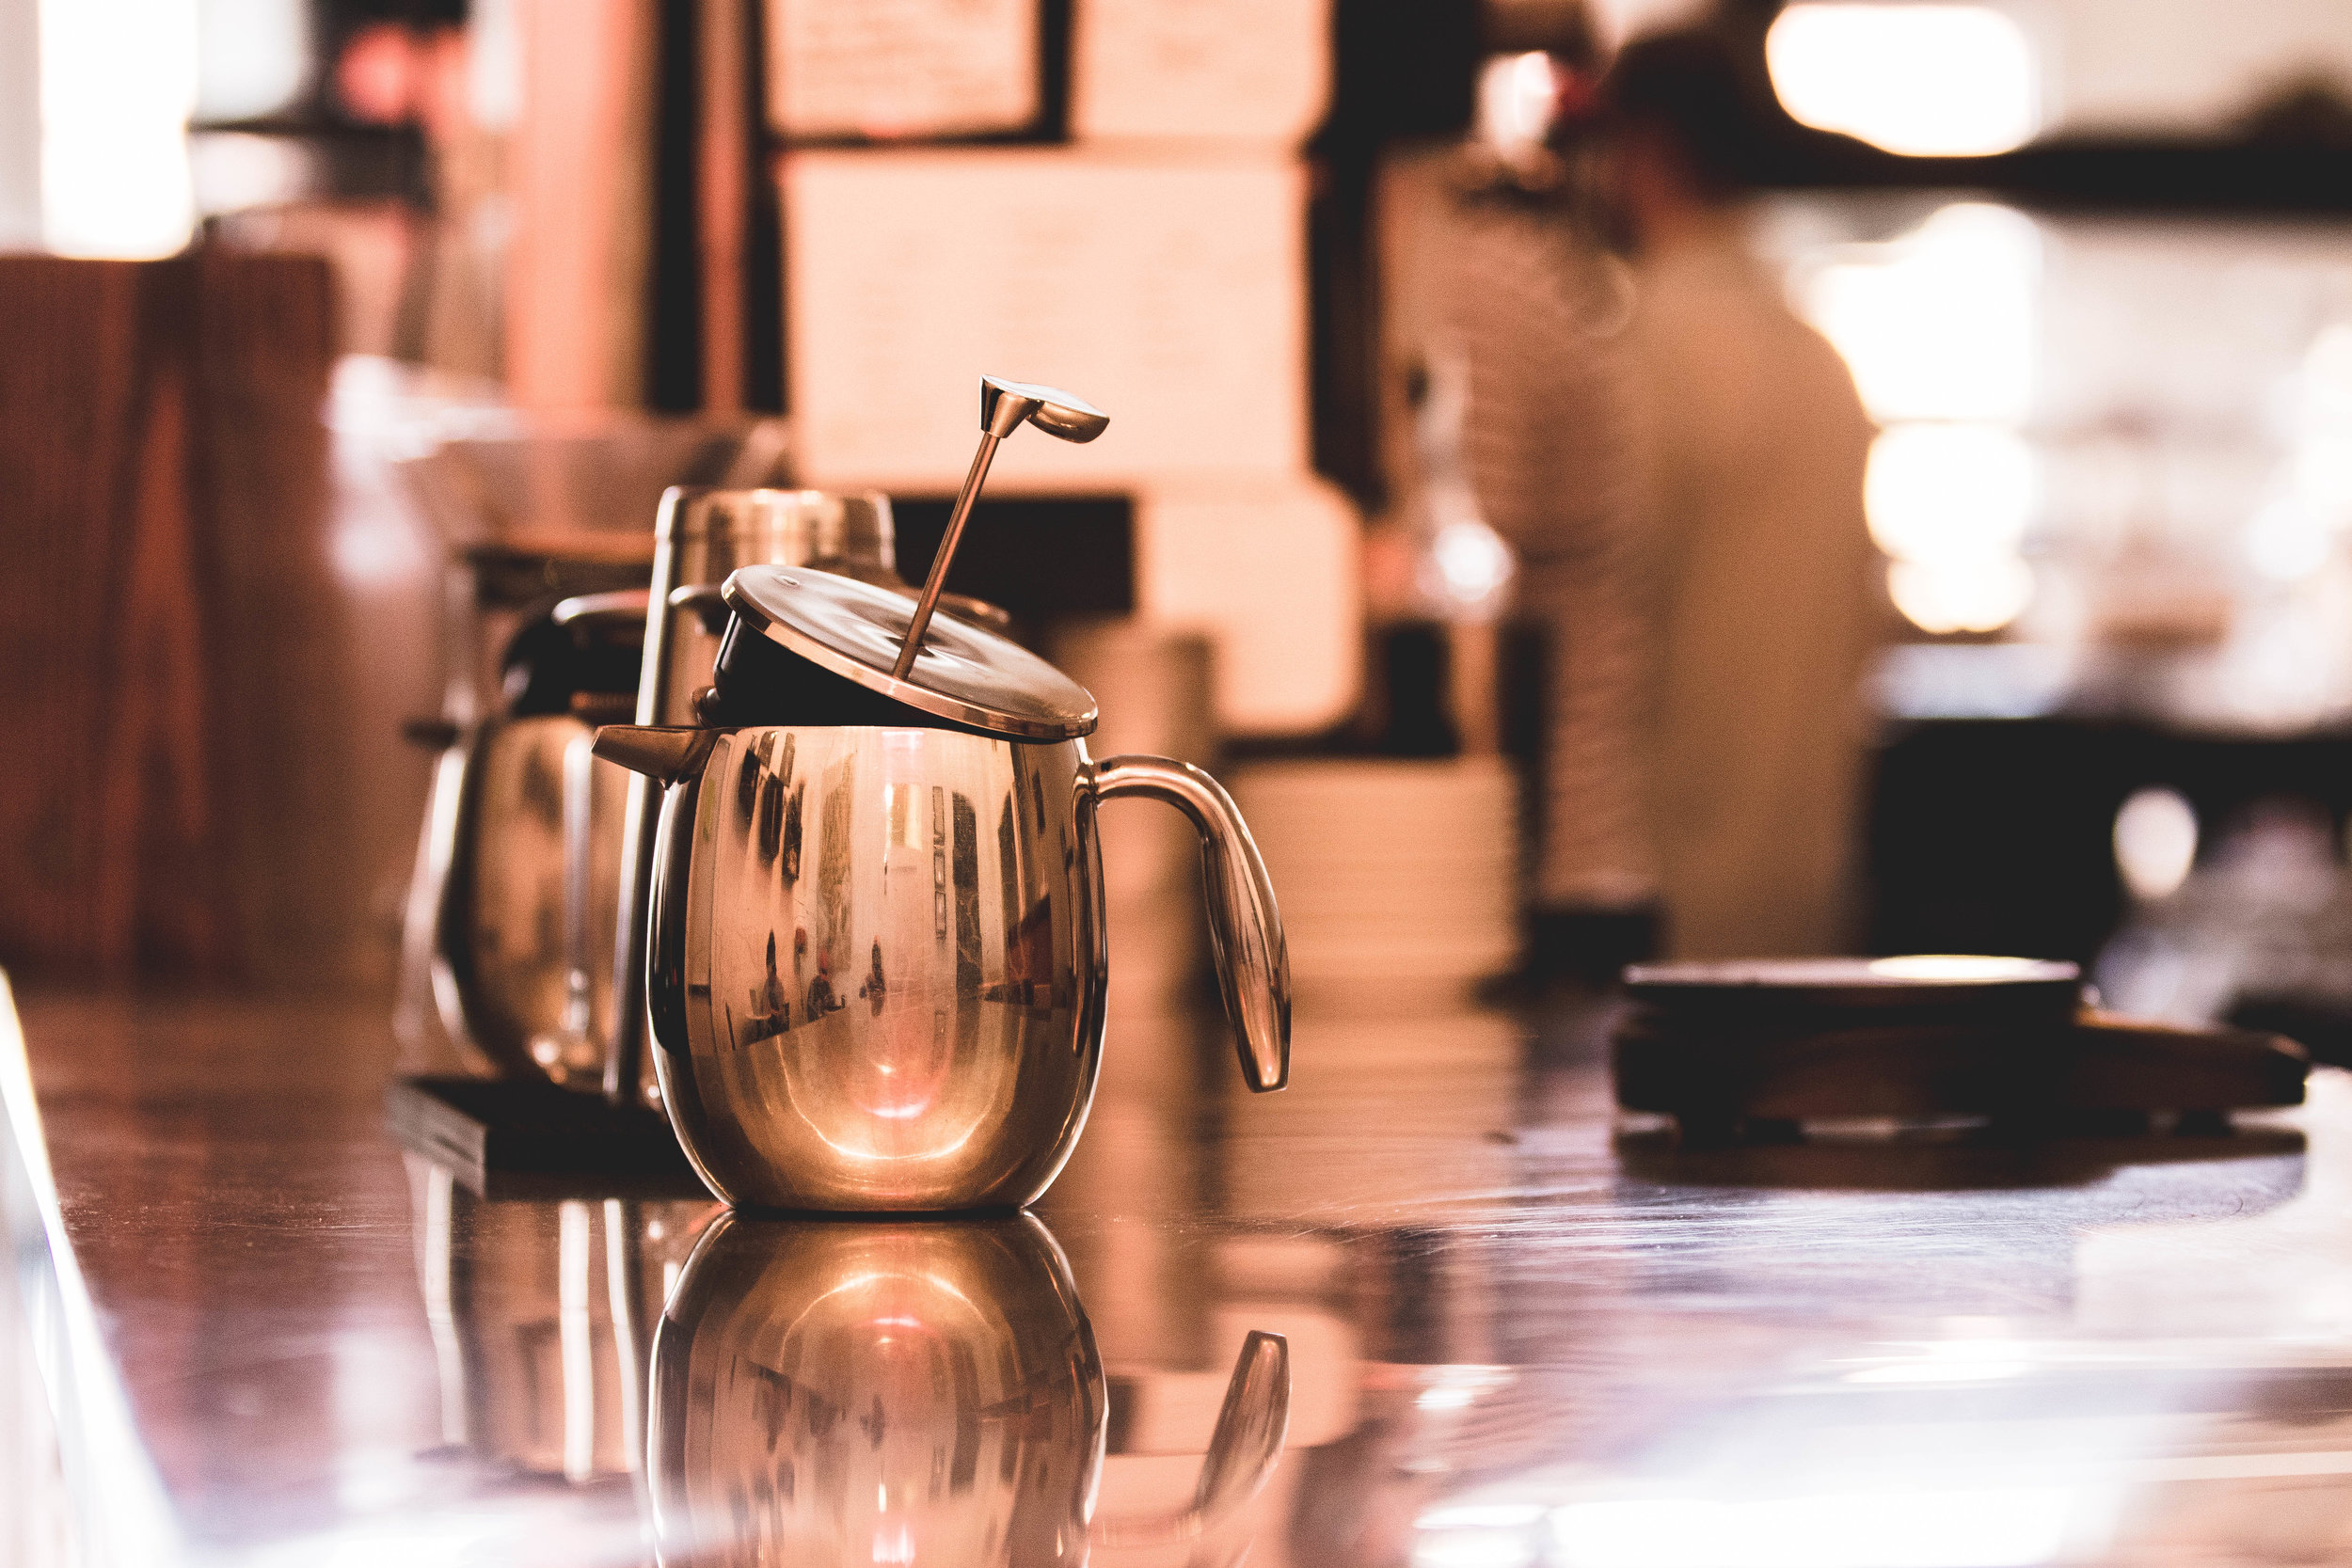 Sugar Brown_s Coffee - 2019 - 02 of 23.jpg